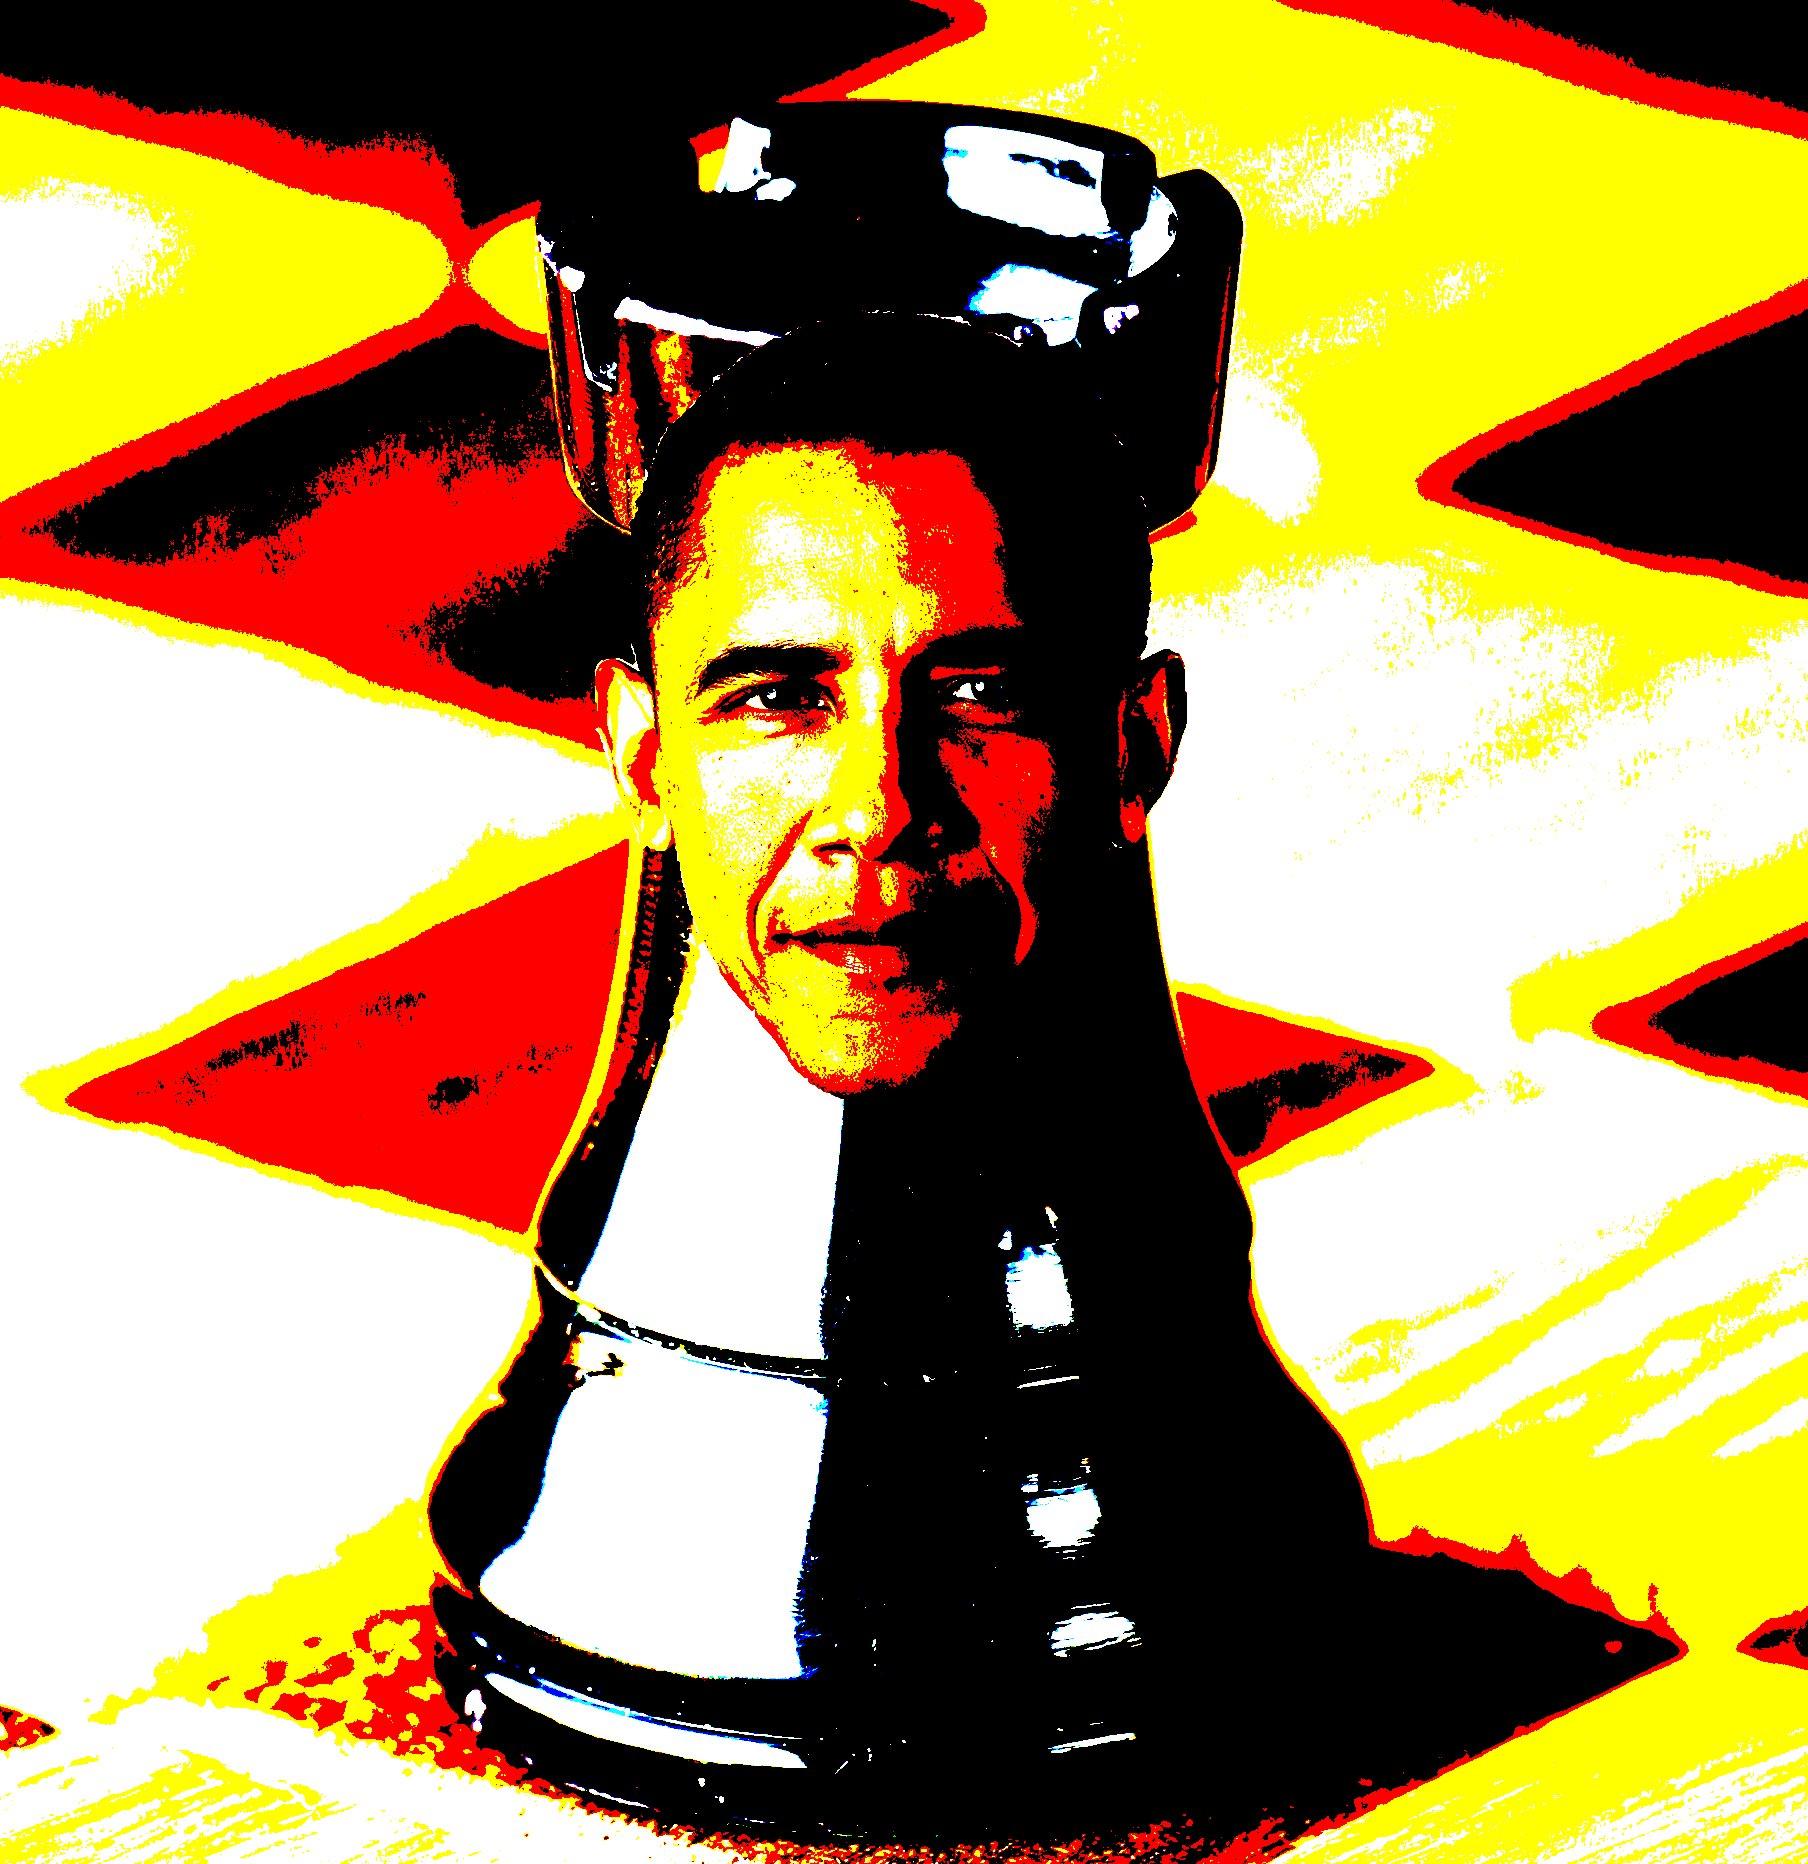 https://monolithik.files.wordpress.com/2011/09/obama-rook1.jpg